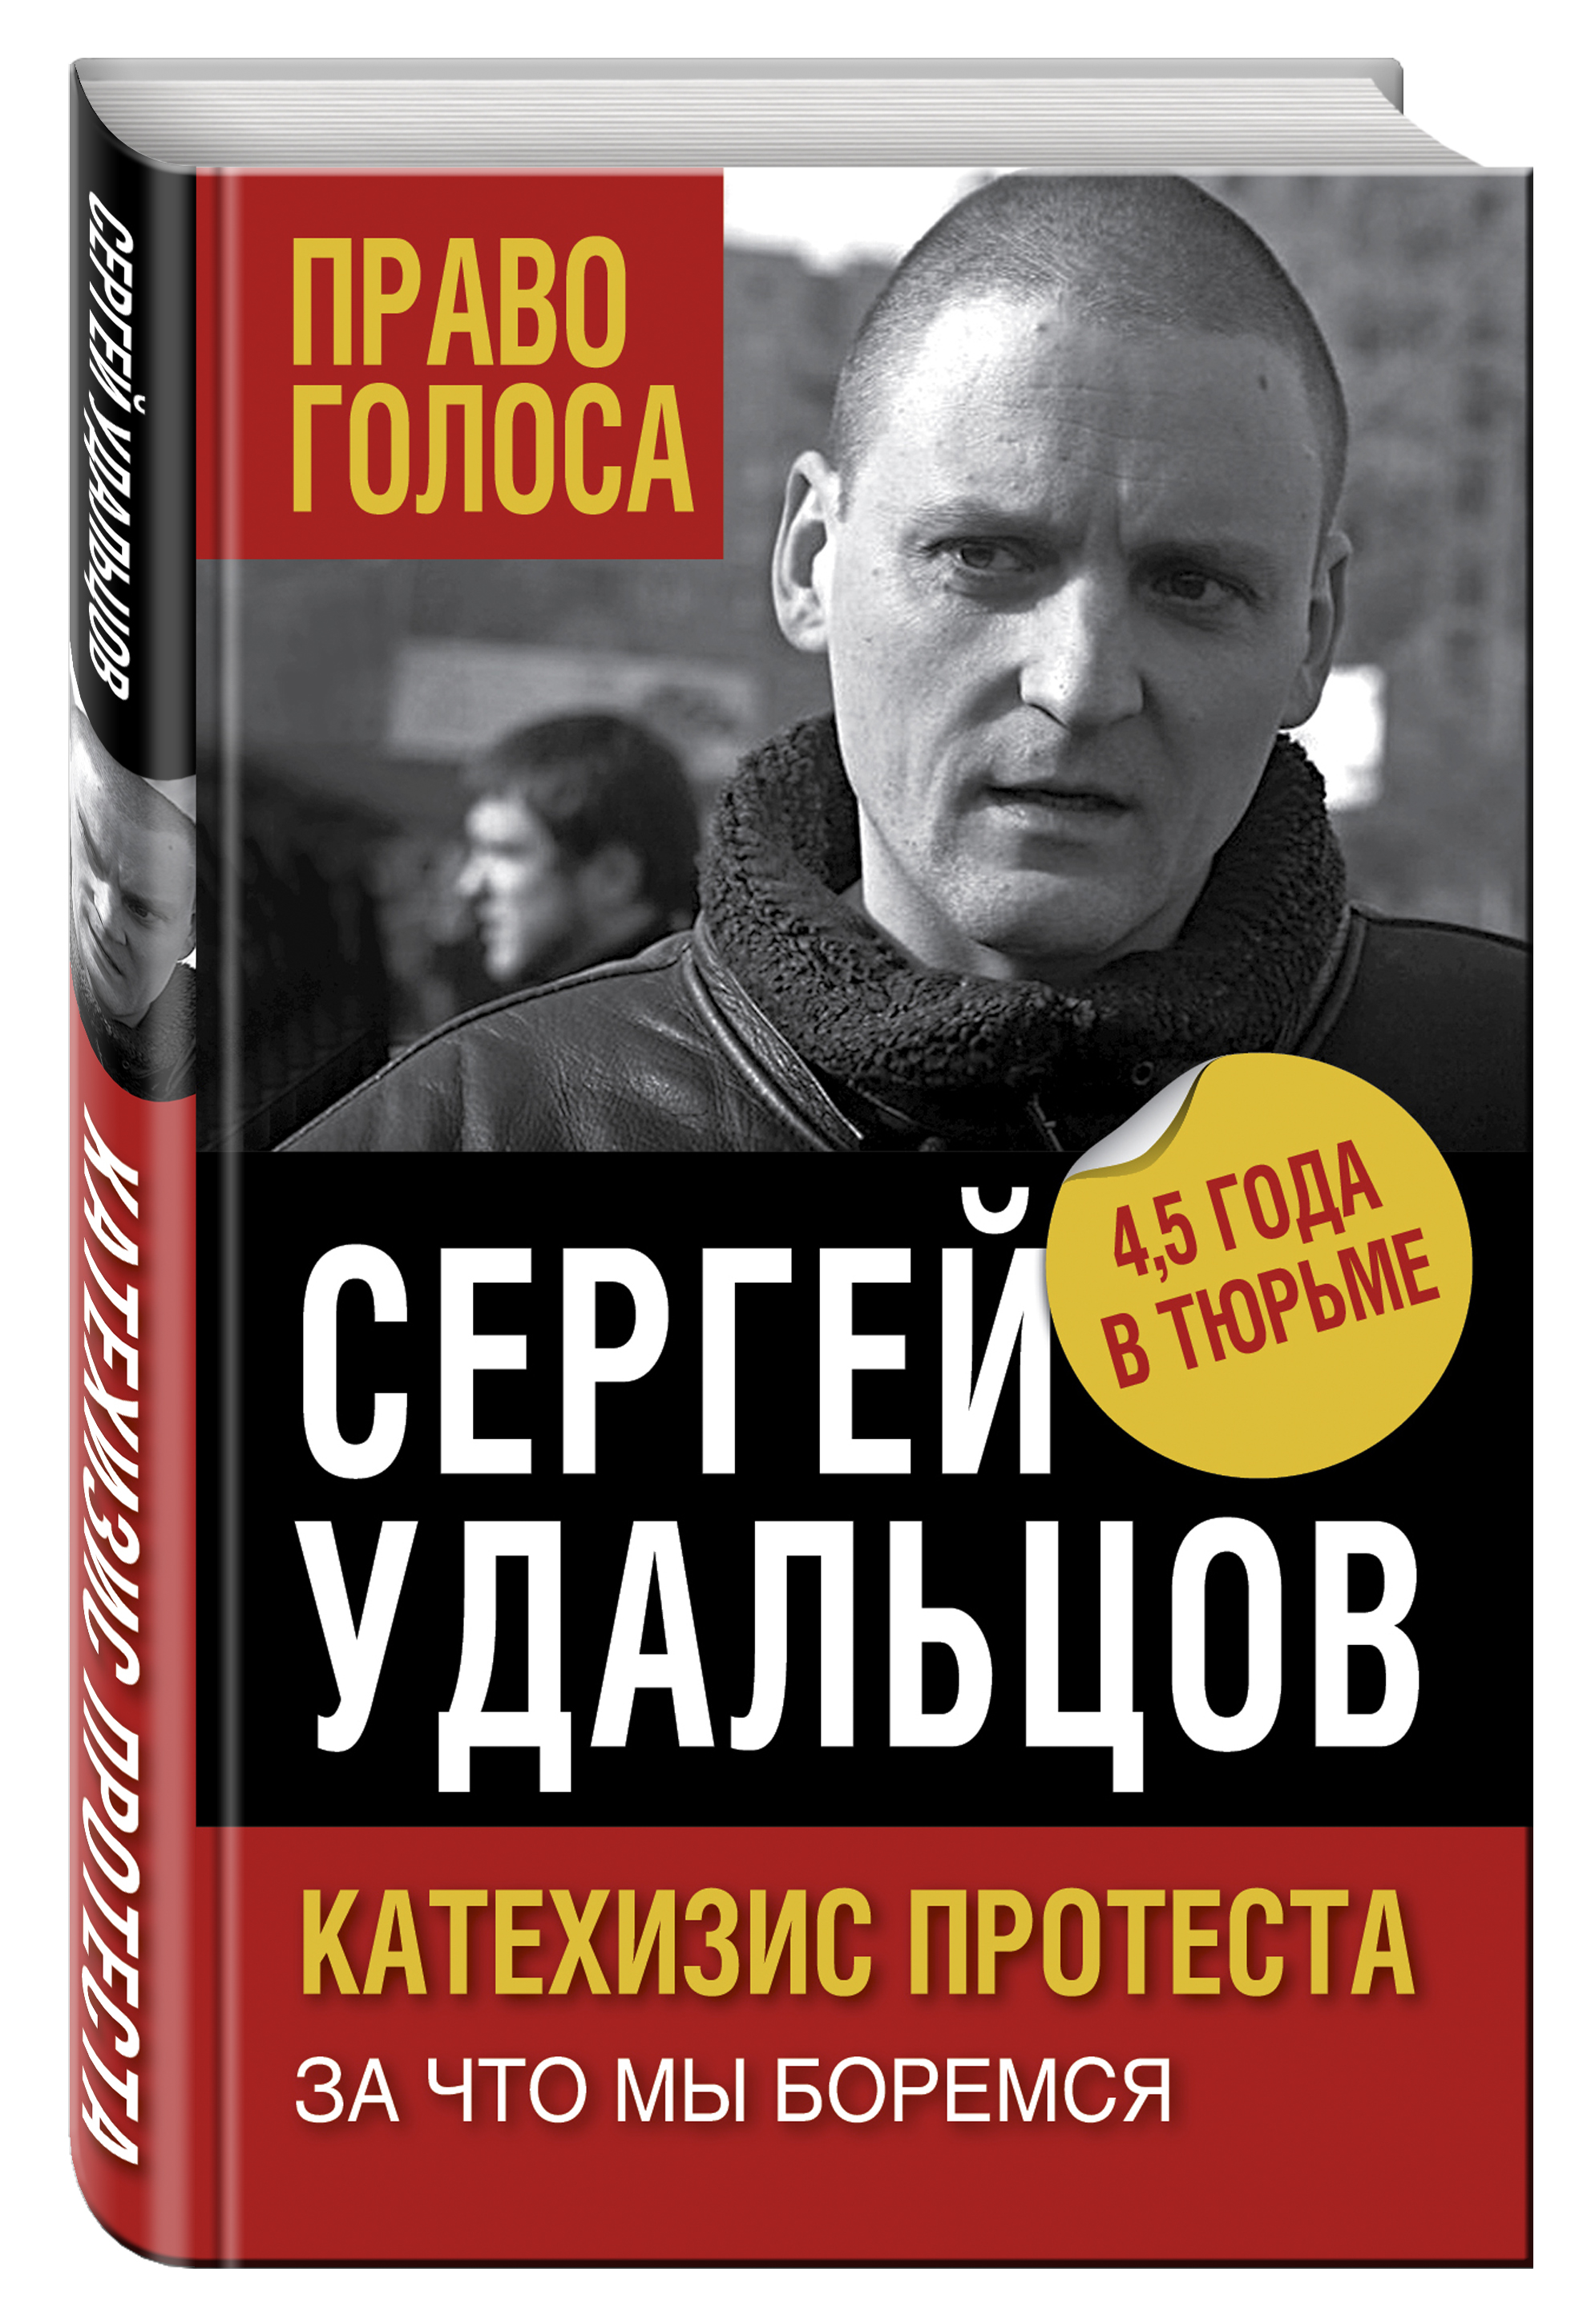 Сергей Удальцов Катехизис протеста. За что мы боремся удальцов с путин взгляд с болотной площади